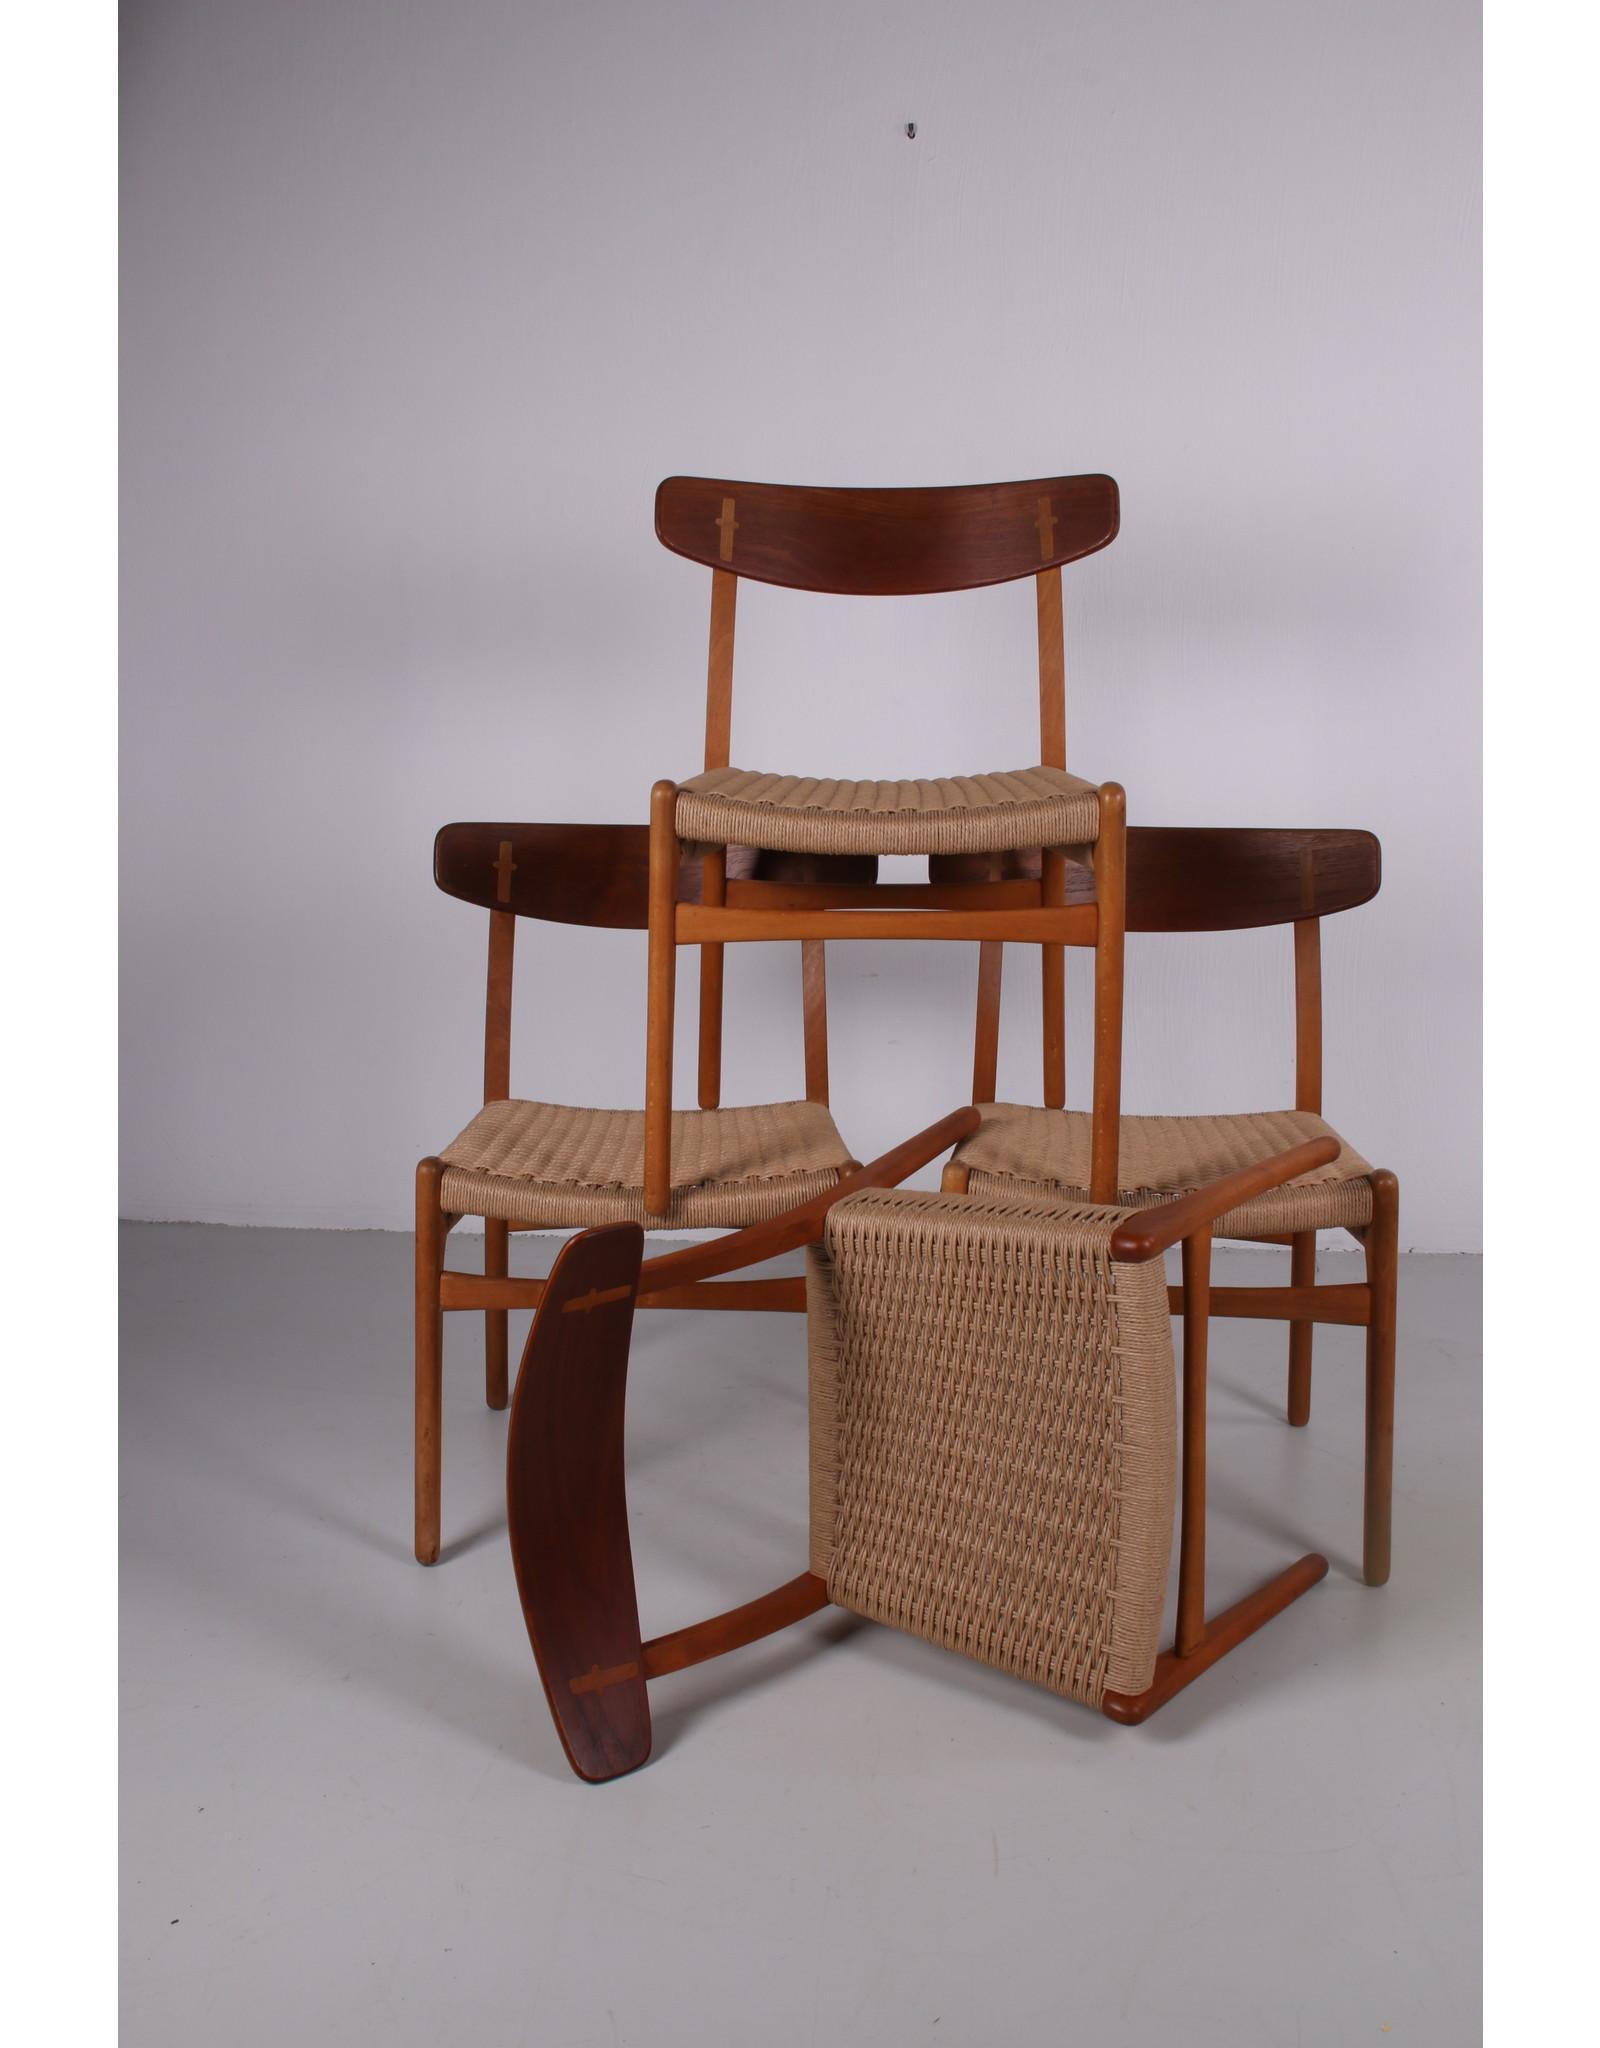 hans wegner Set van 4 Hans Wegner eetkamer stoelen model CH23